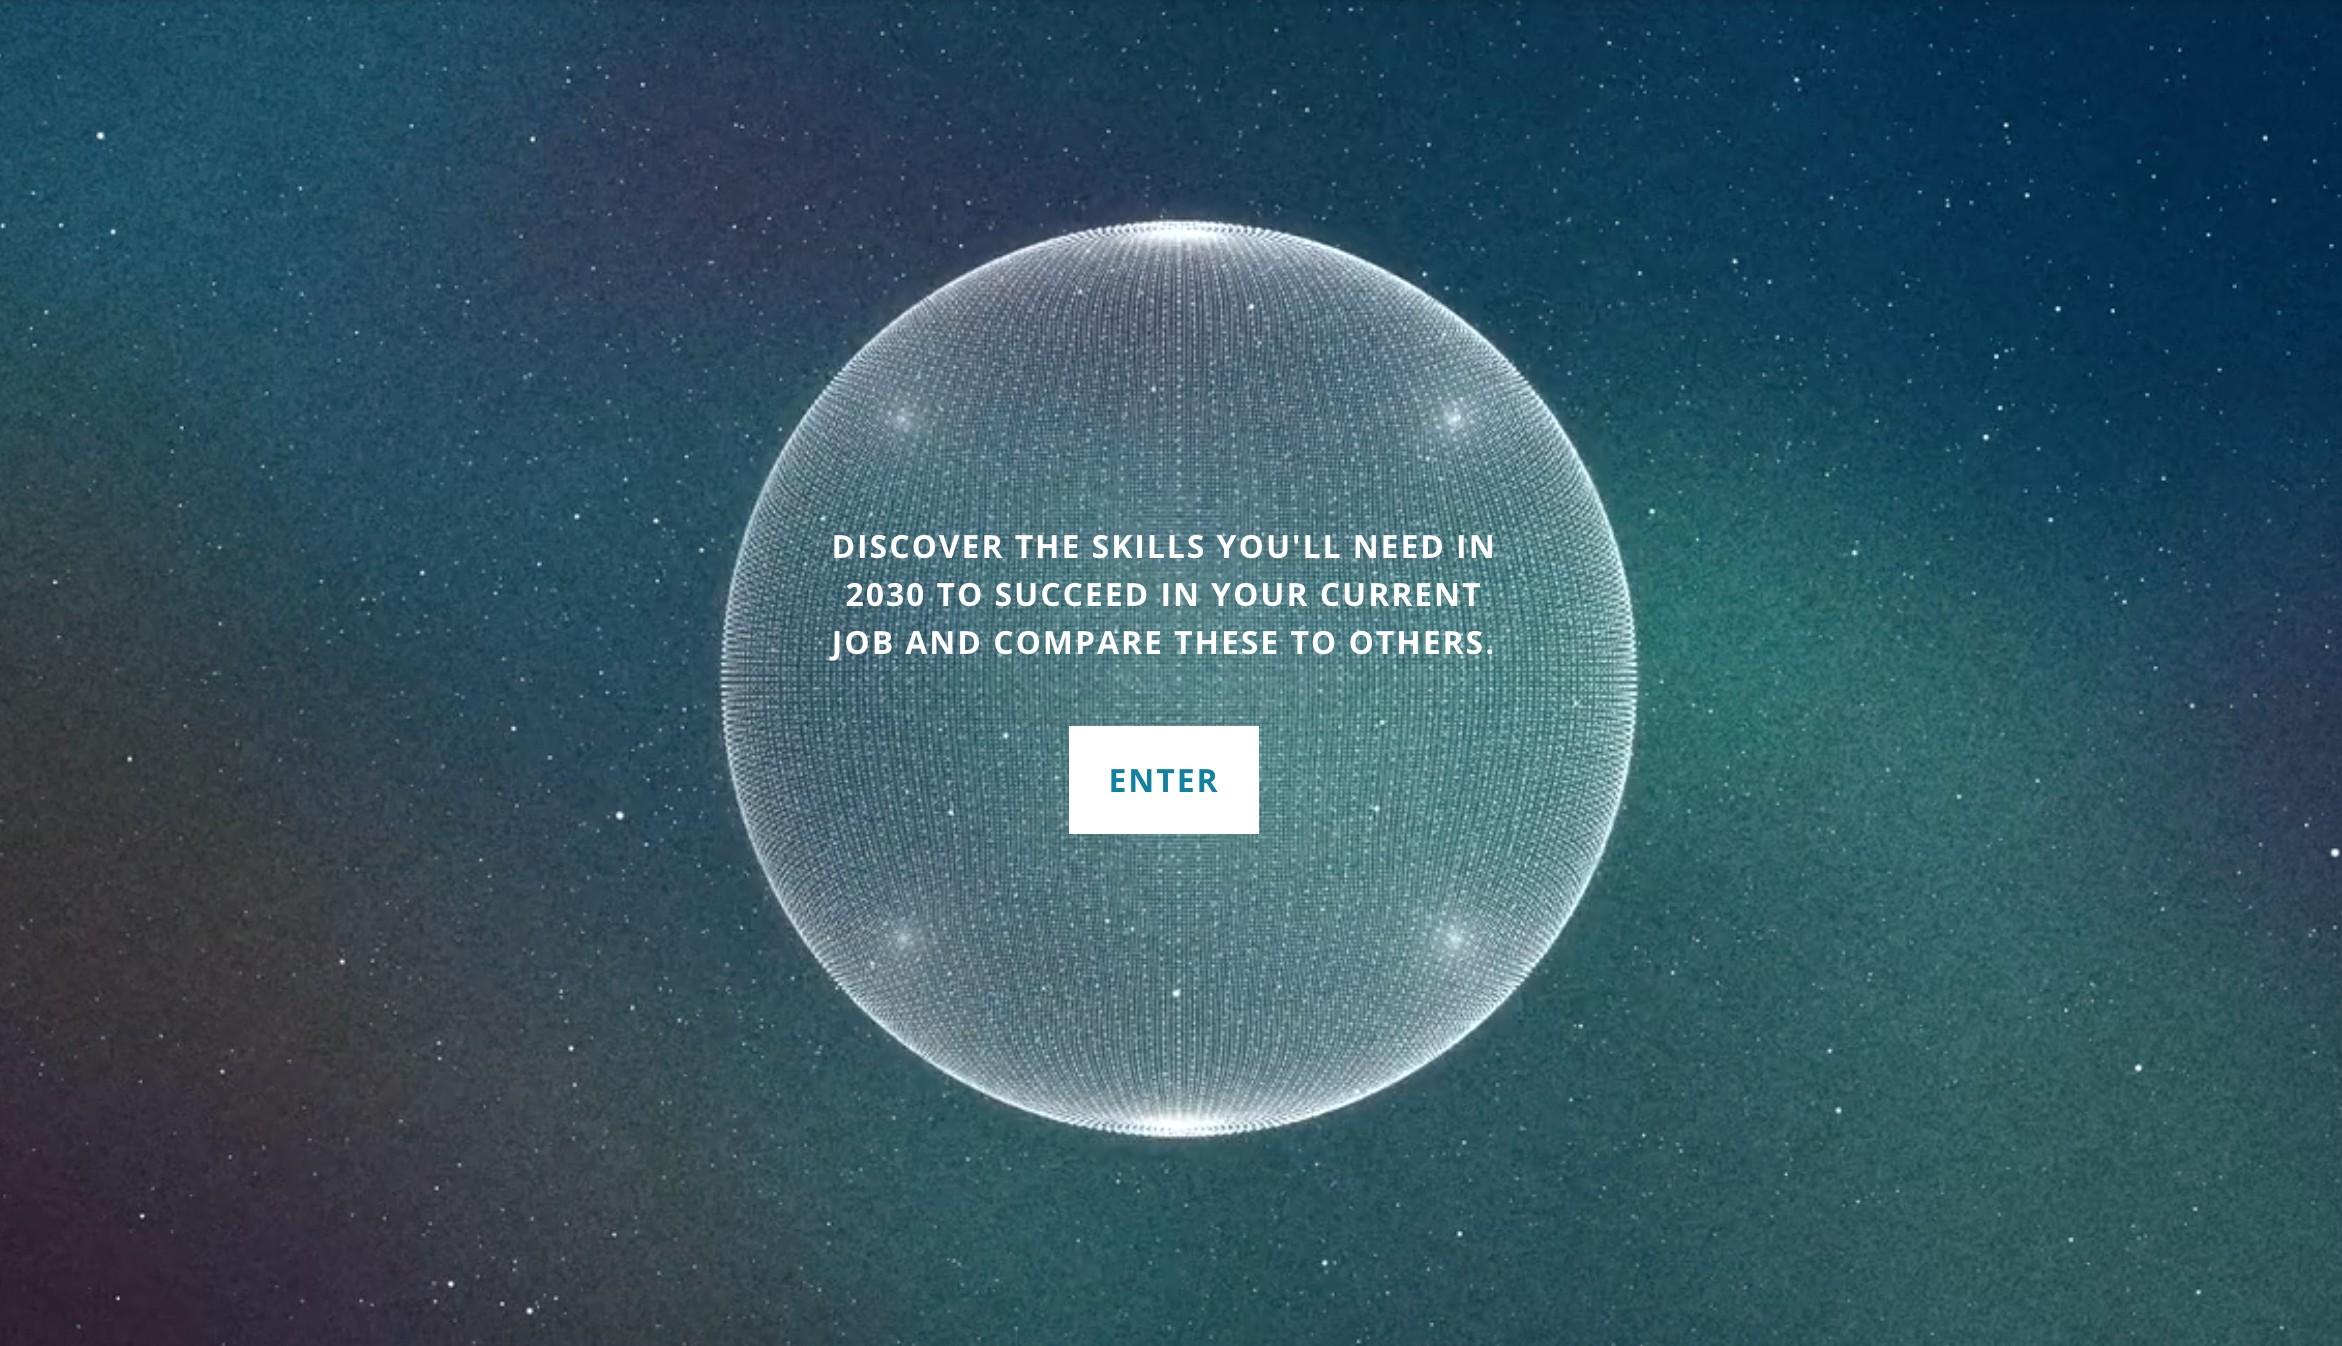 Pearson The Future of Skills 2030